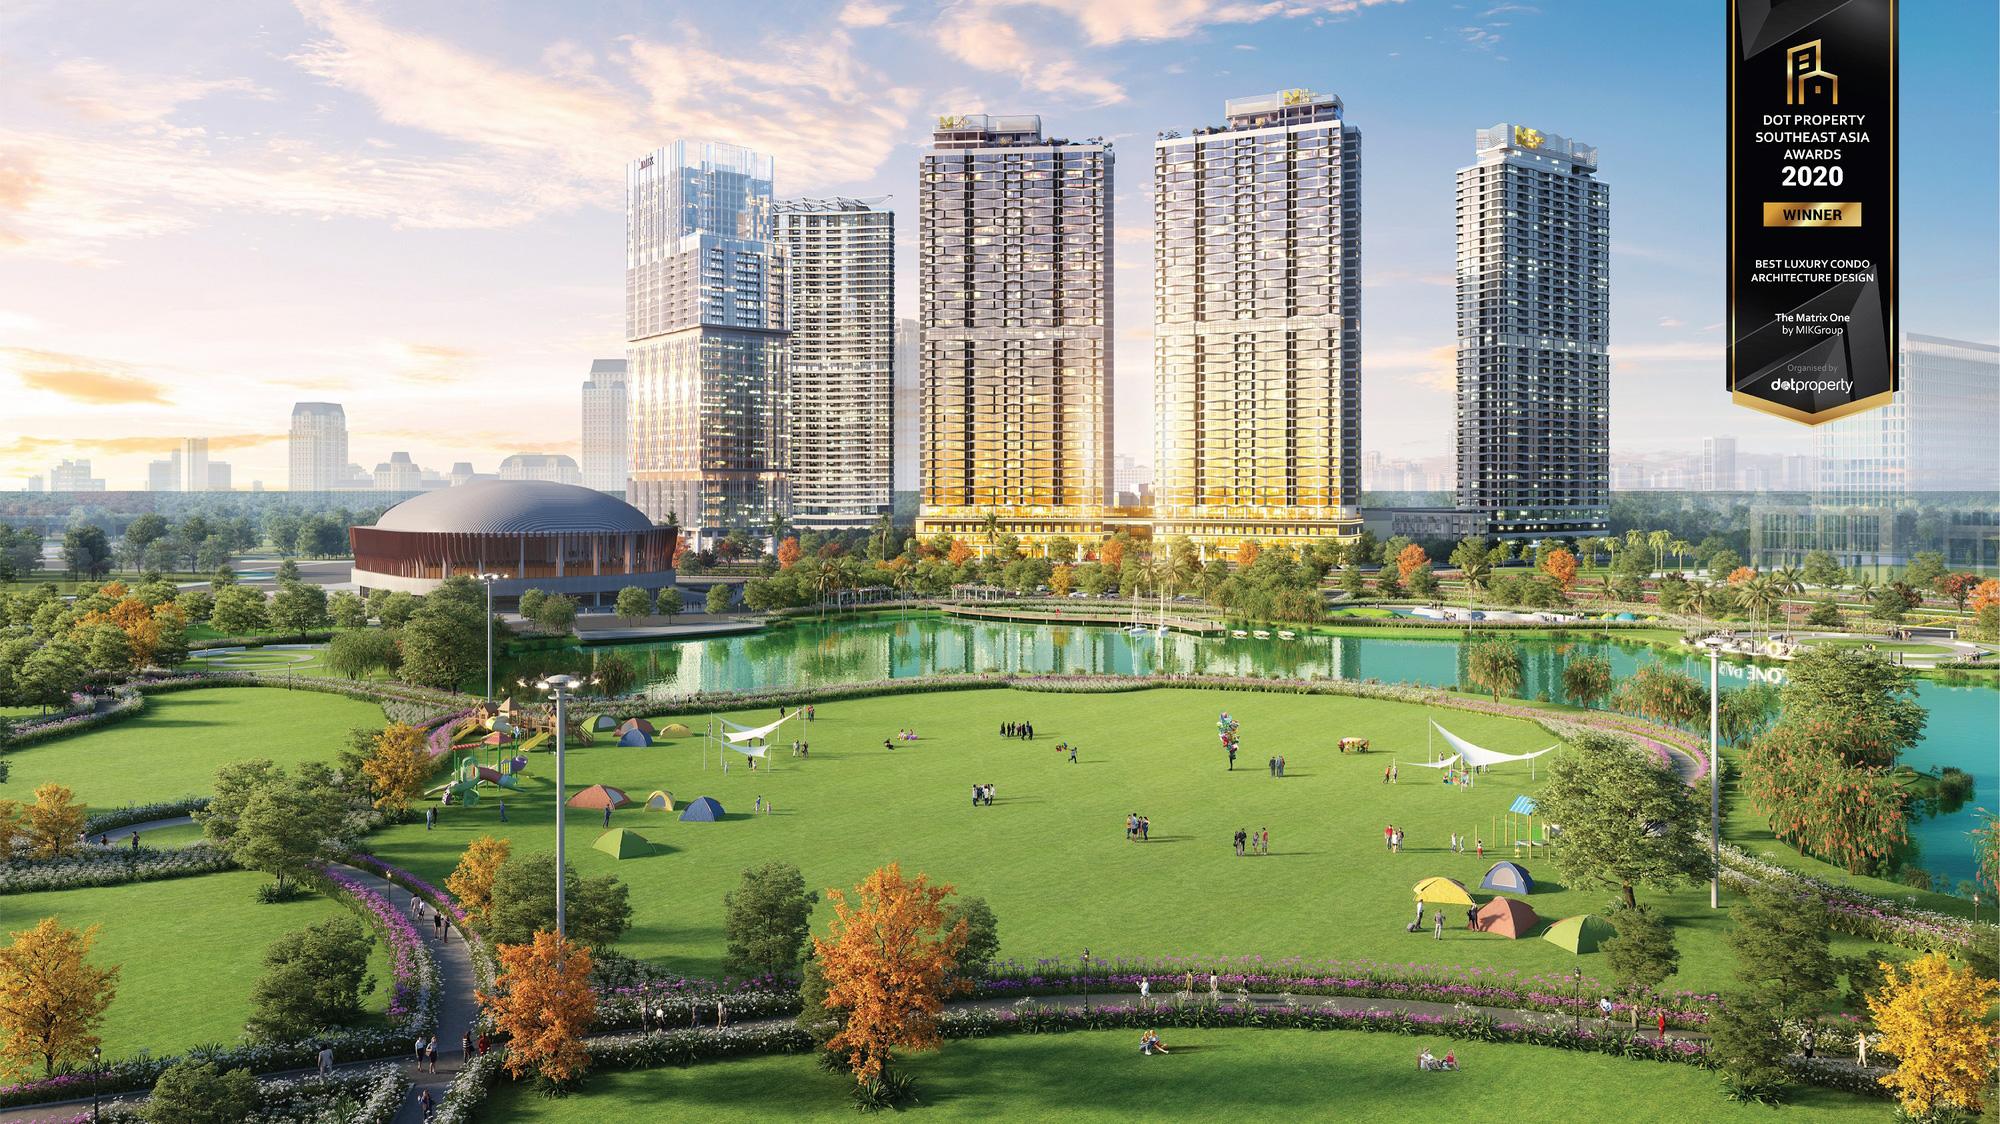 The Matix One rinh giải thưởng  Dự án hạng sang có thiết kế kiến trúc đẹp nhất Đông Nam Á - Ảnh 2.